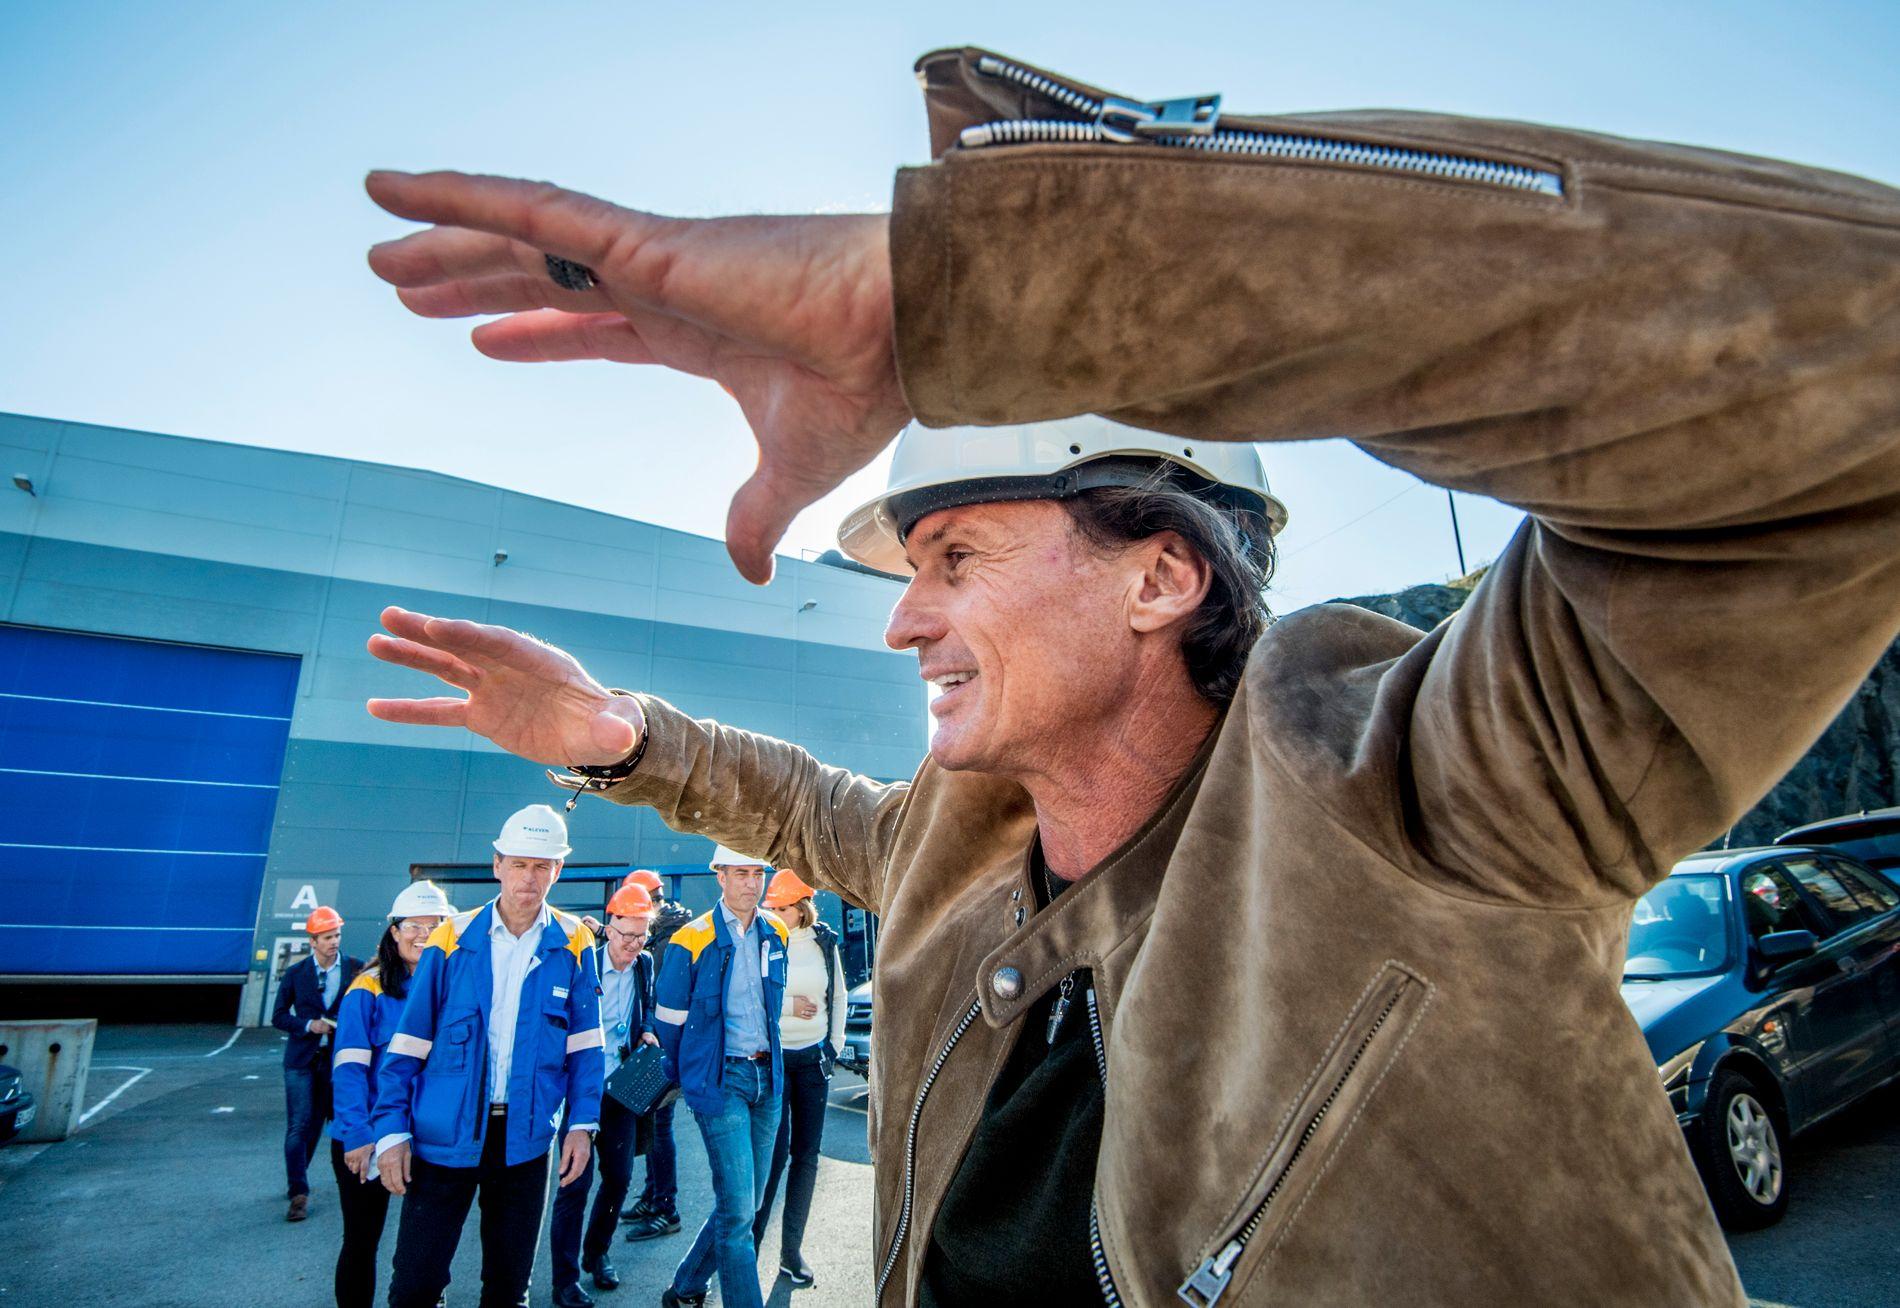 SATSER PENGER: Investor Petter Stordalen besøkte nylig Kleven verft, etter å ha gått inn på eiersiden i verftskonsernet.